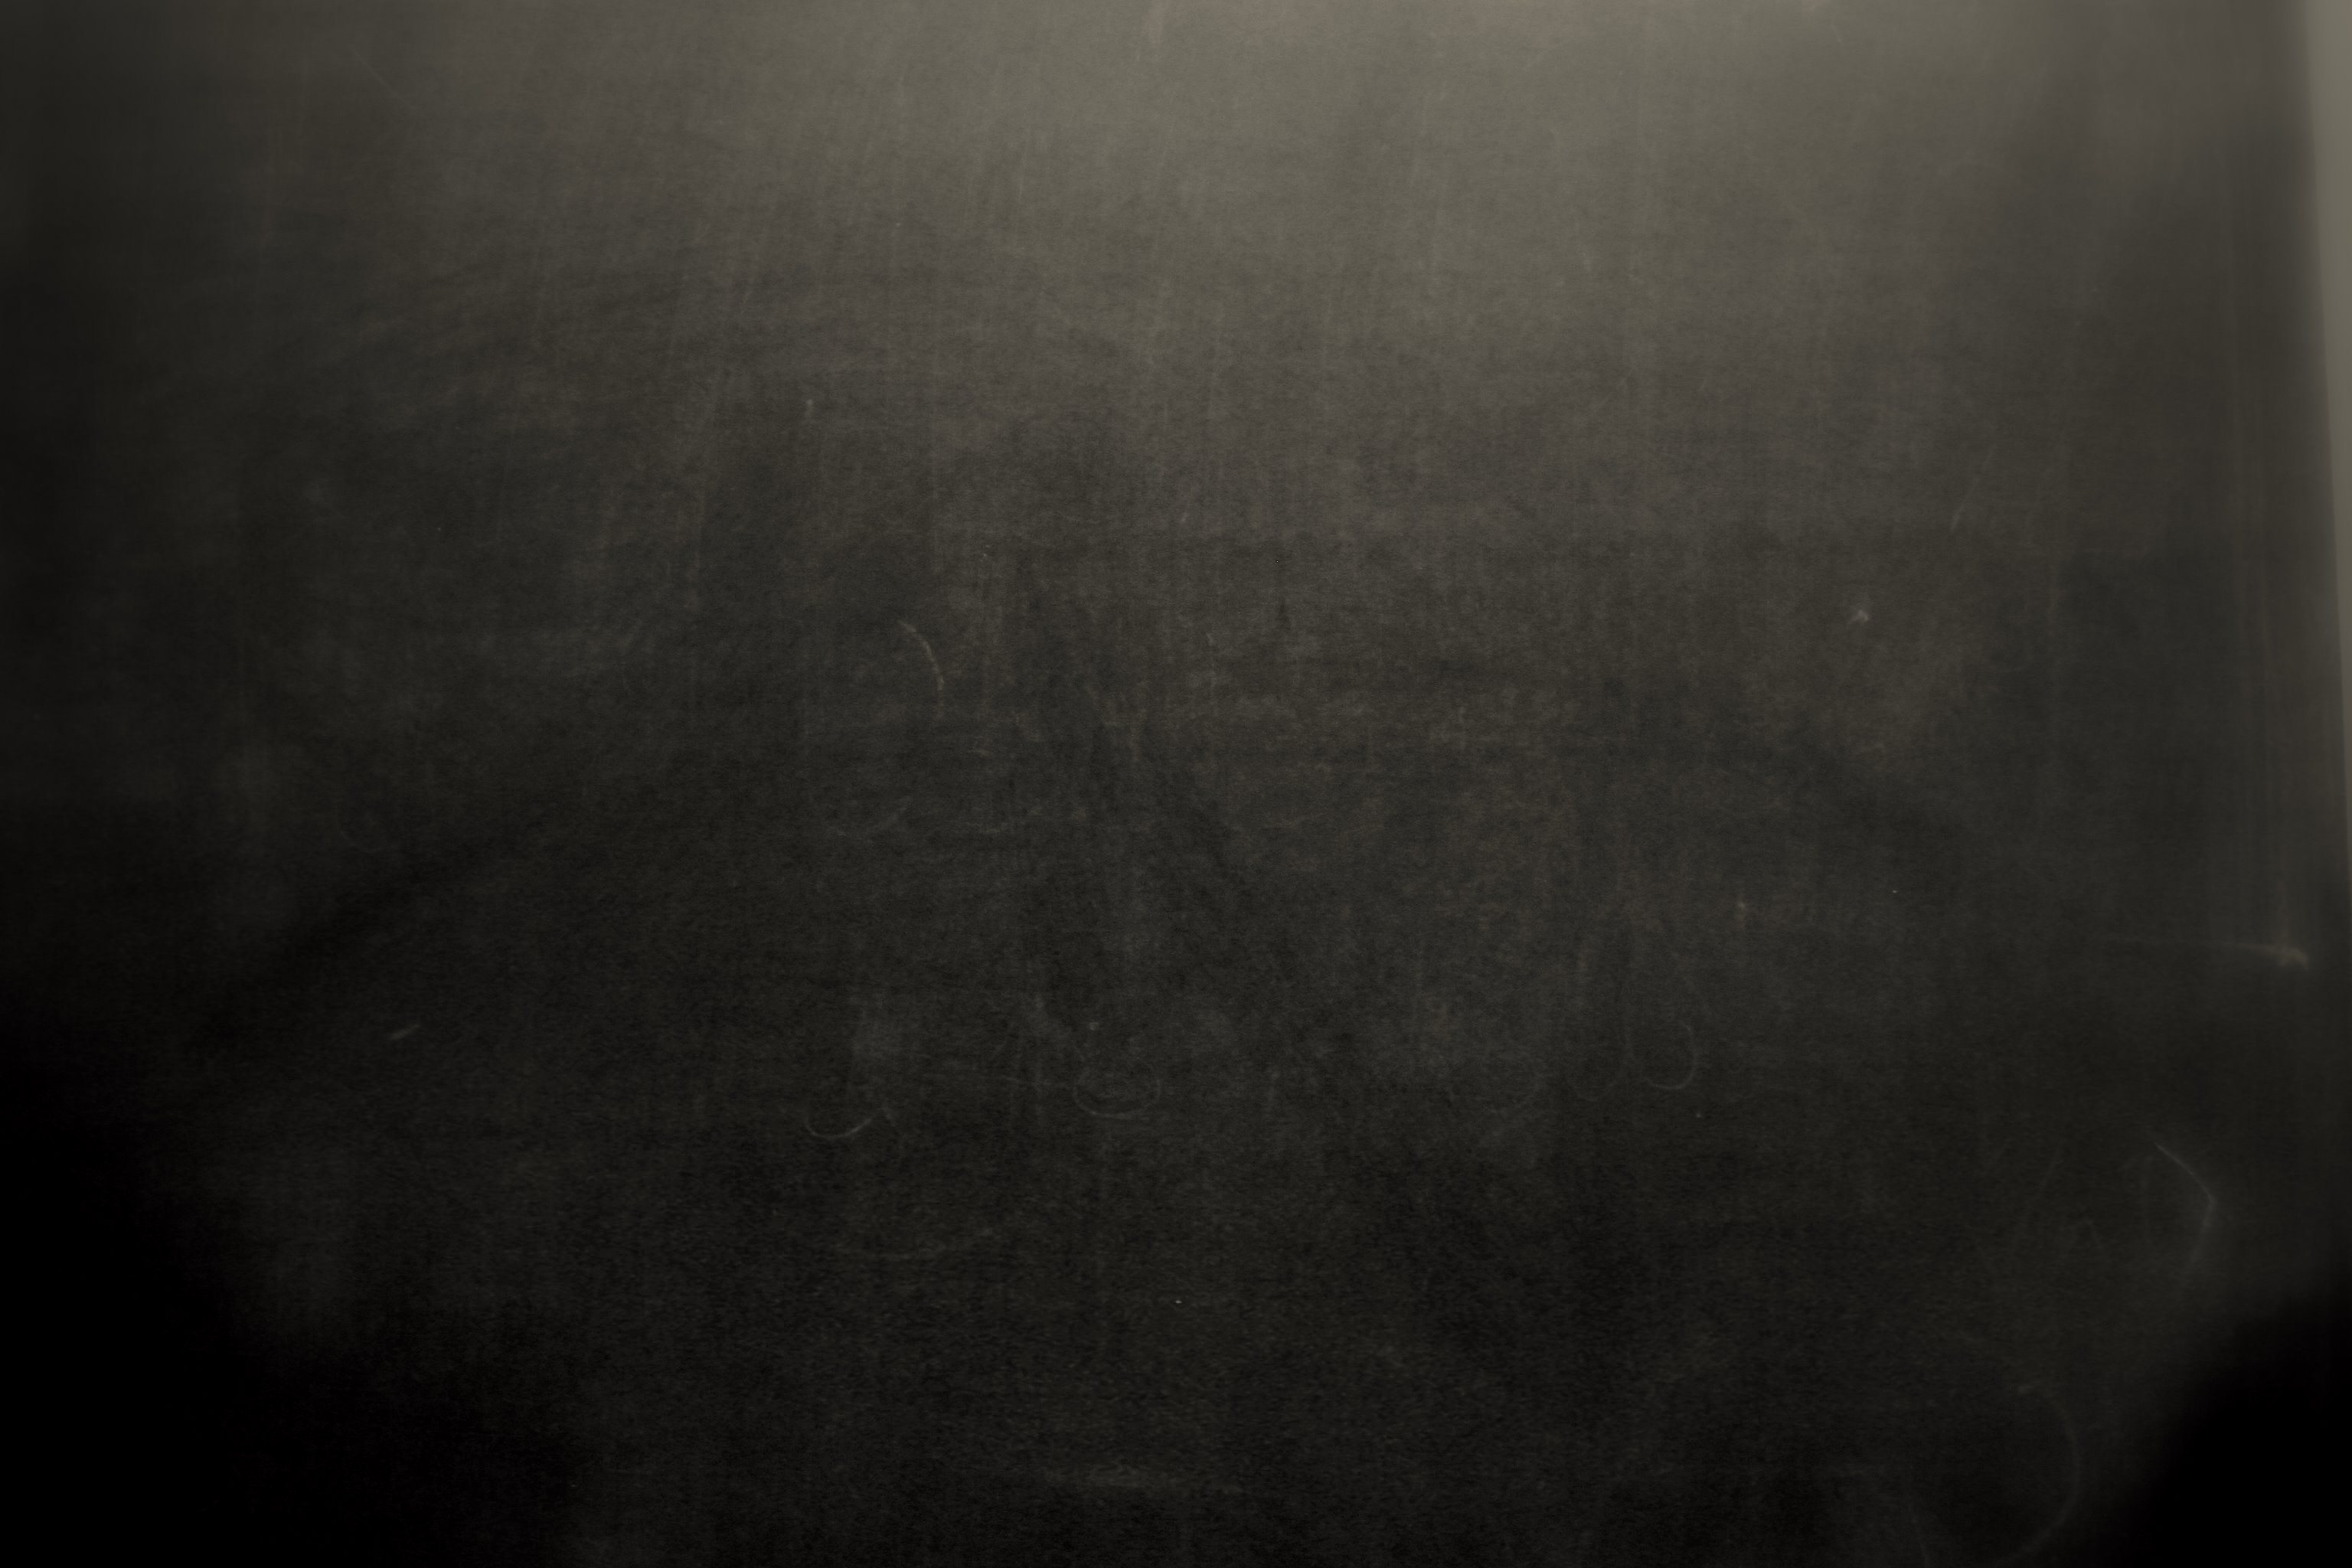 black chalkboard background with chalk wwwimgkidcom